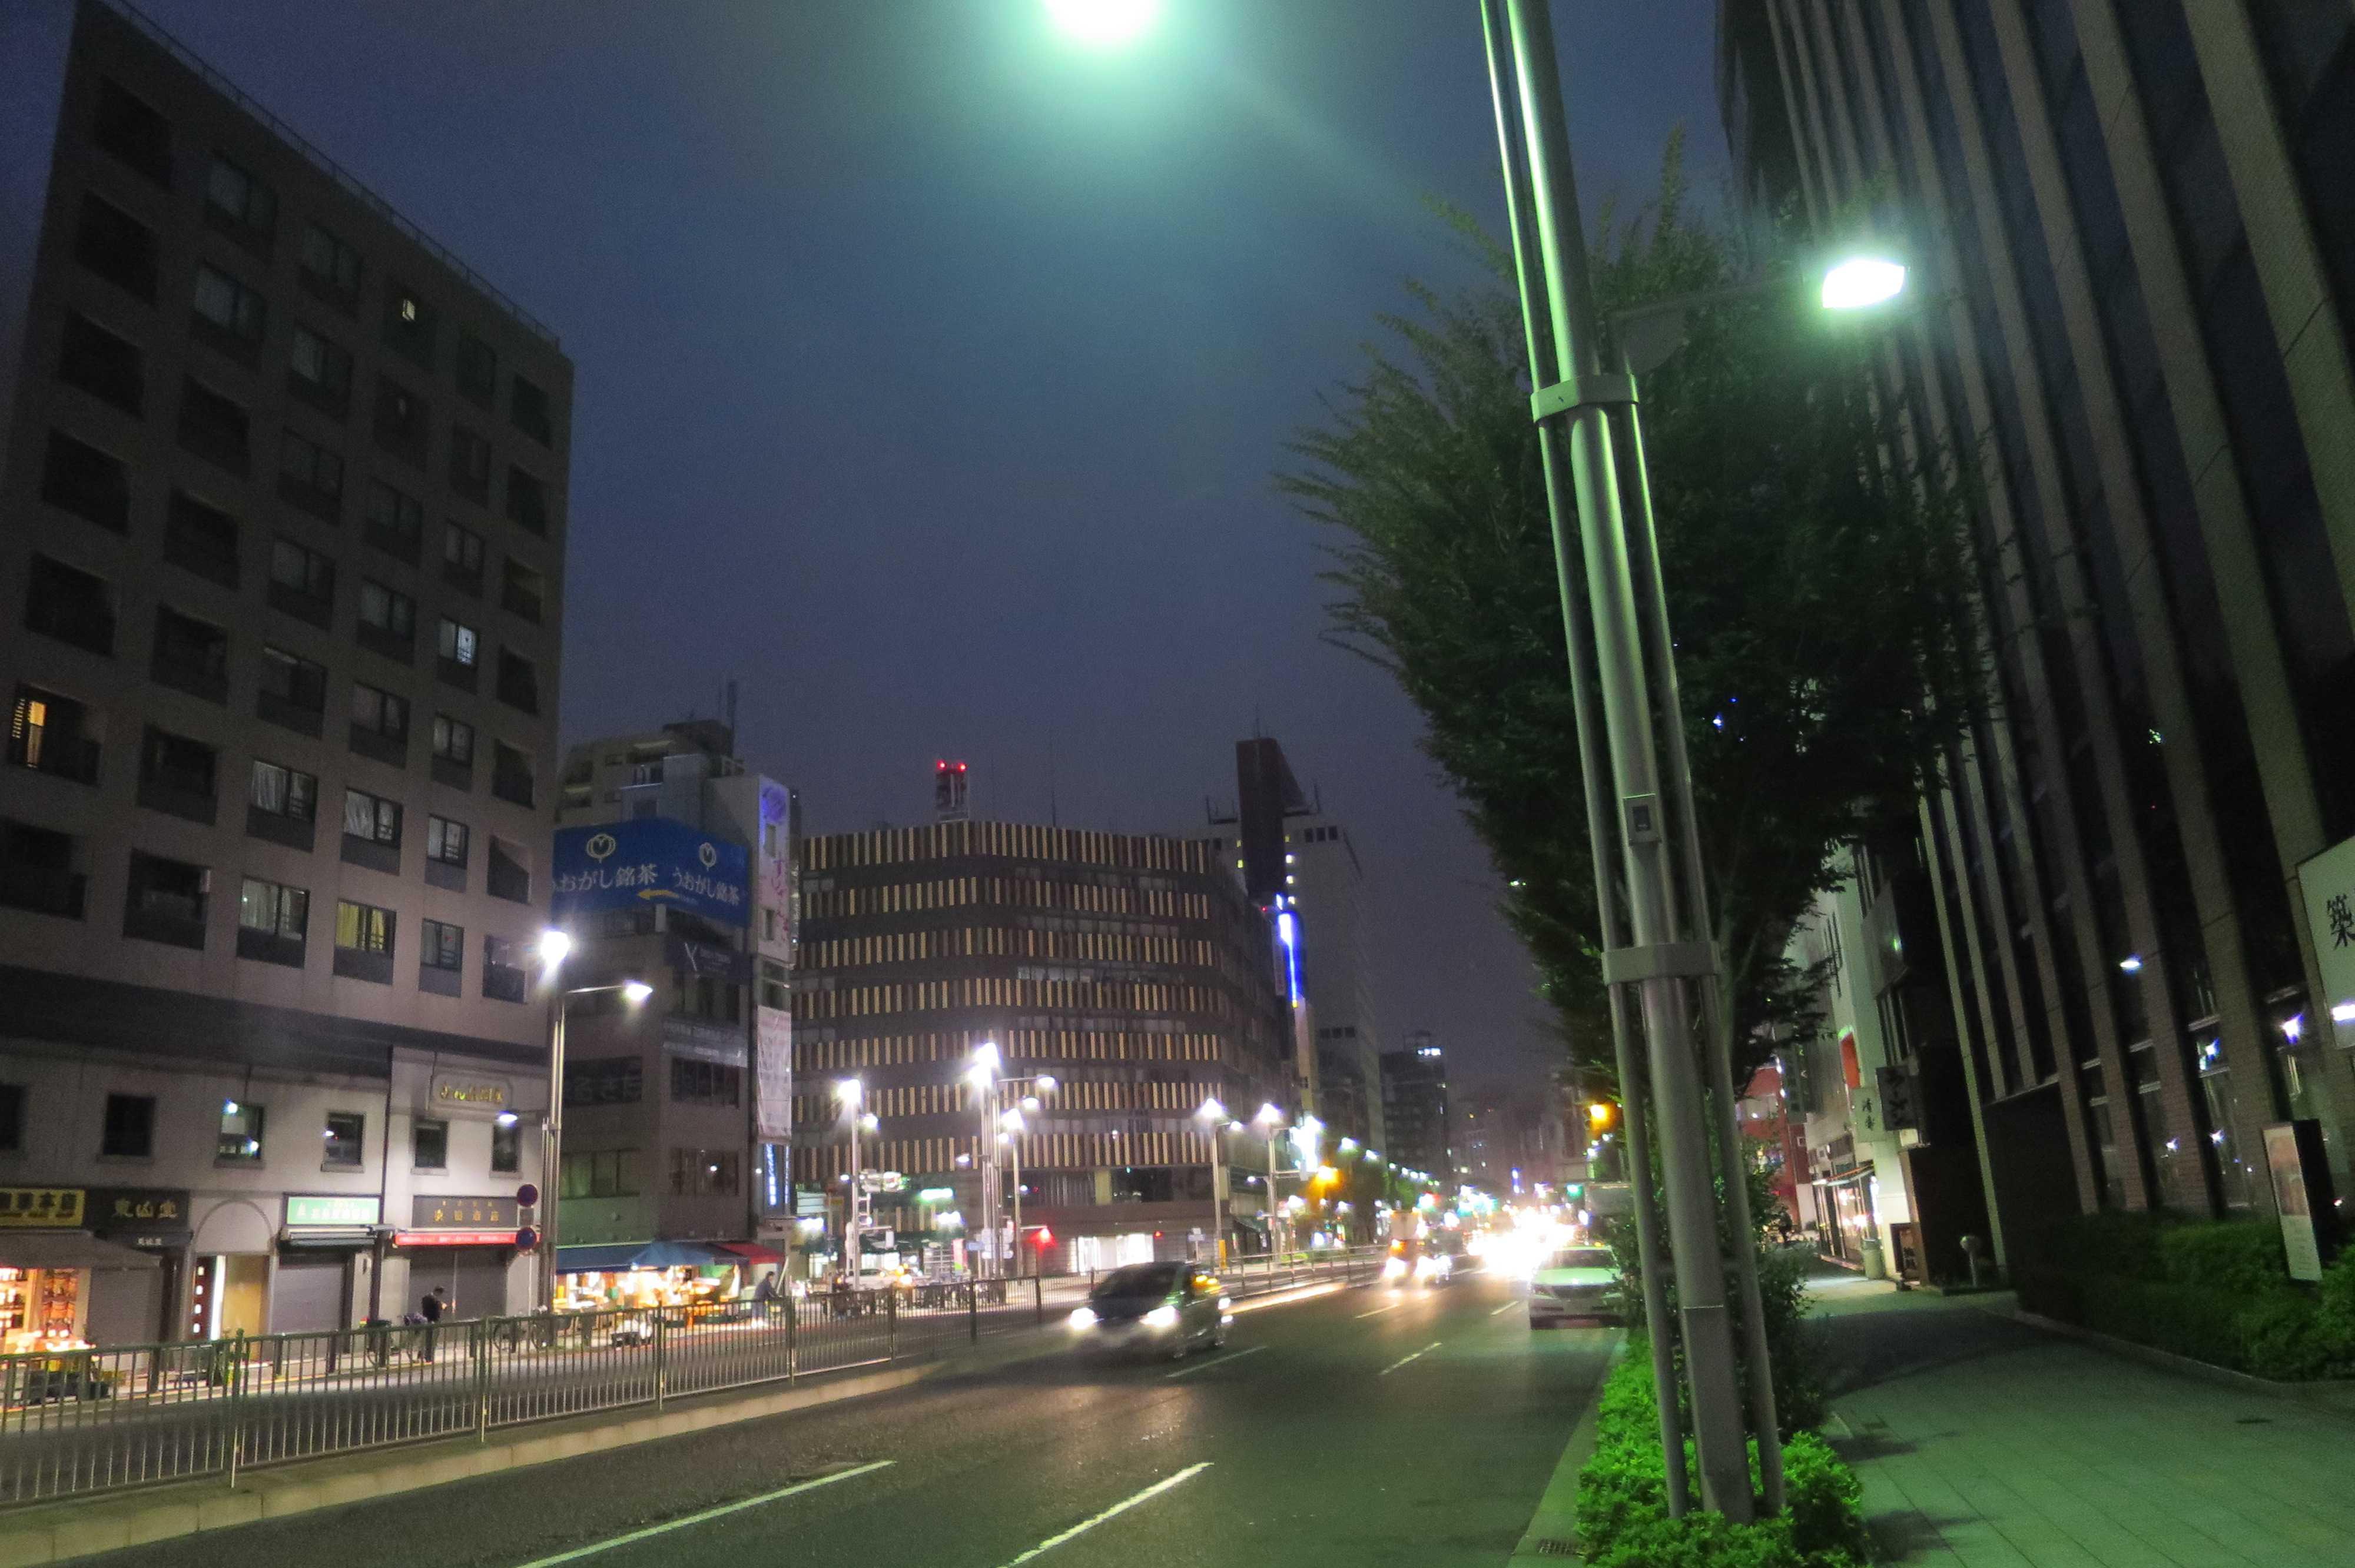 築地エリア - 晴海通りと築地KYビル